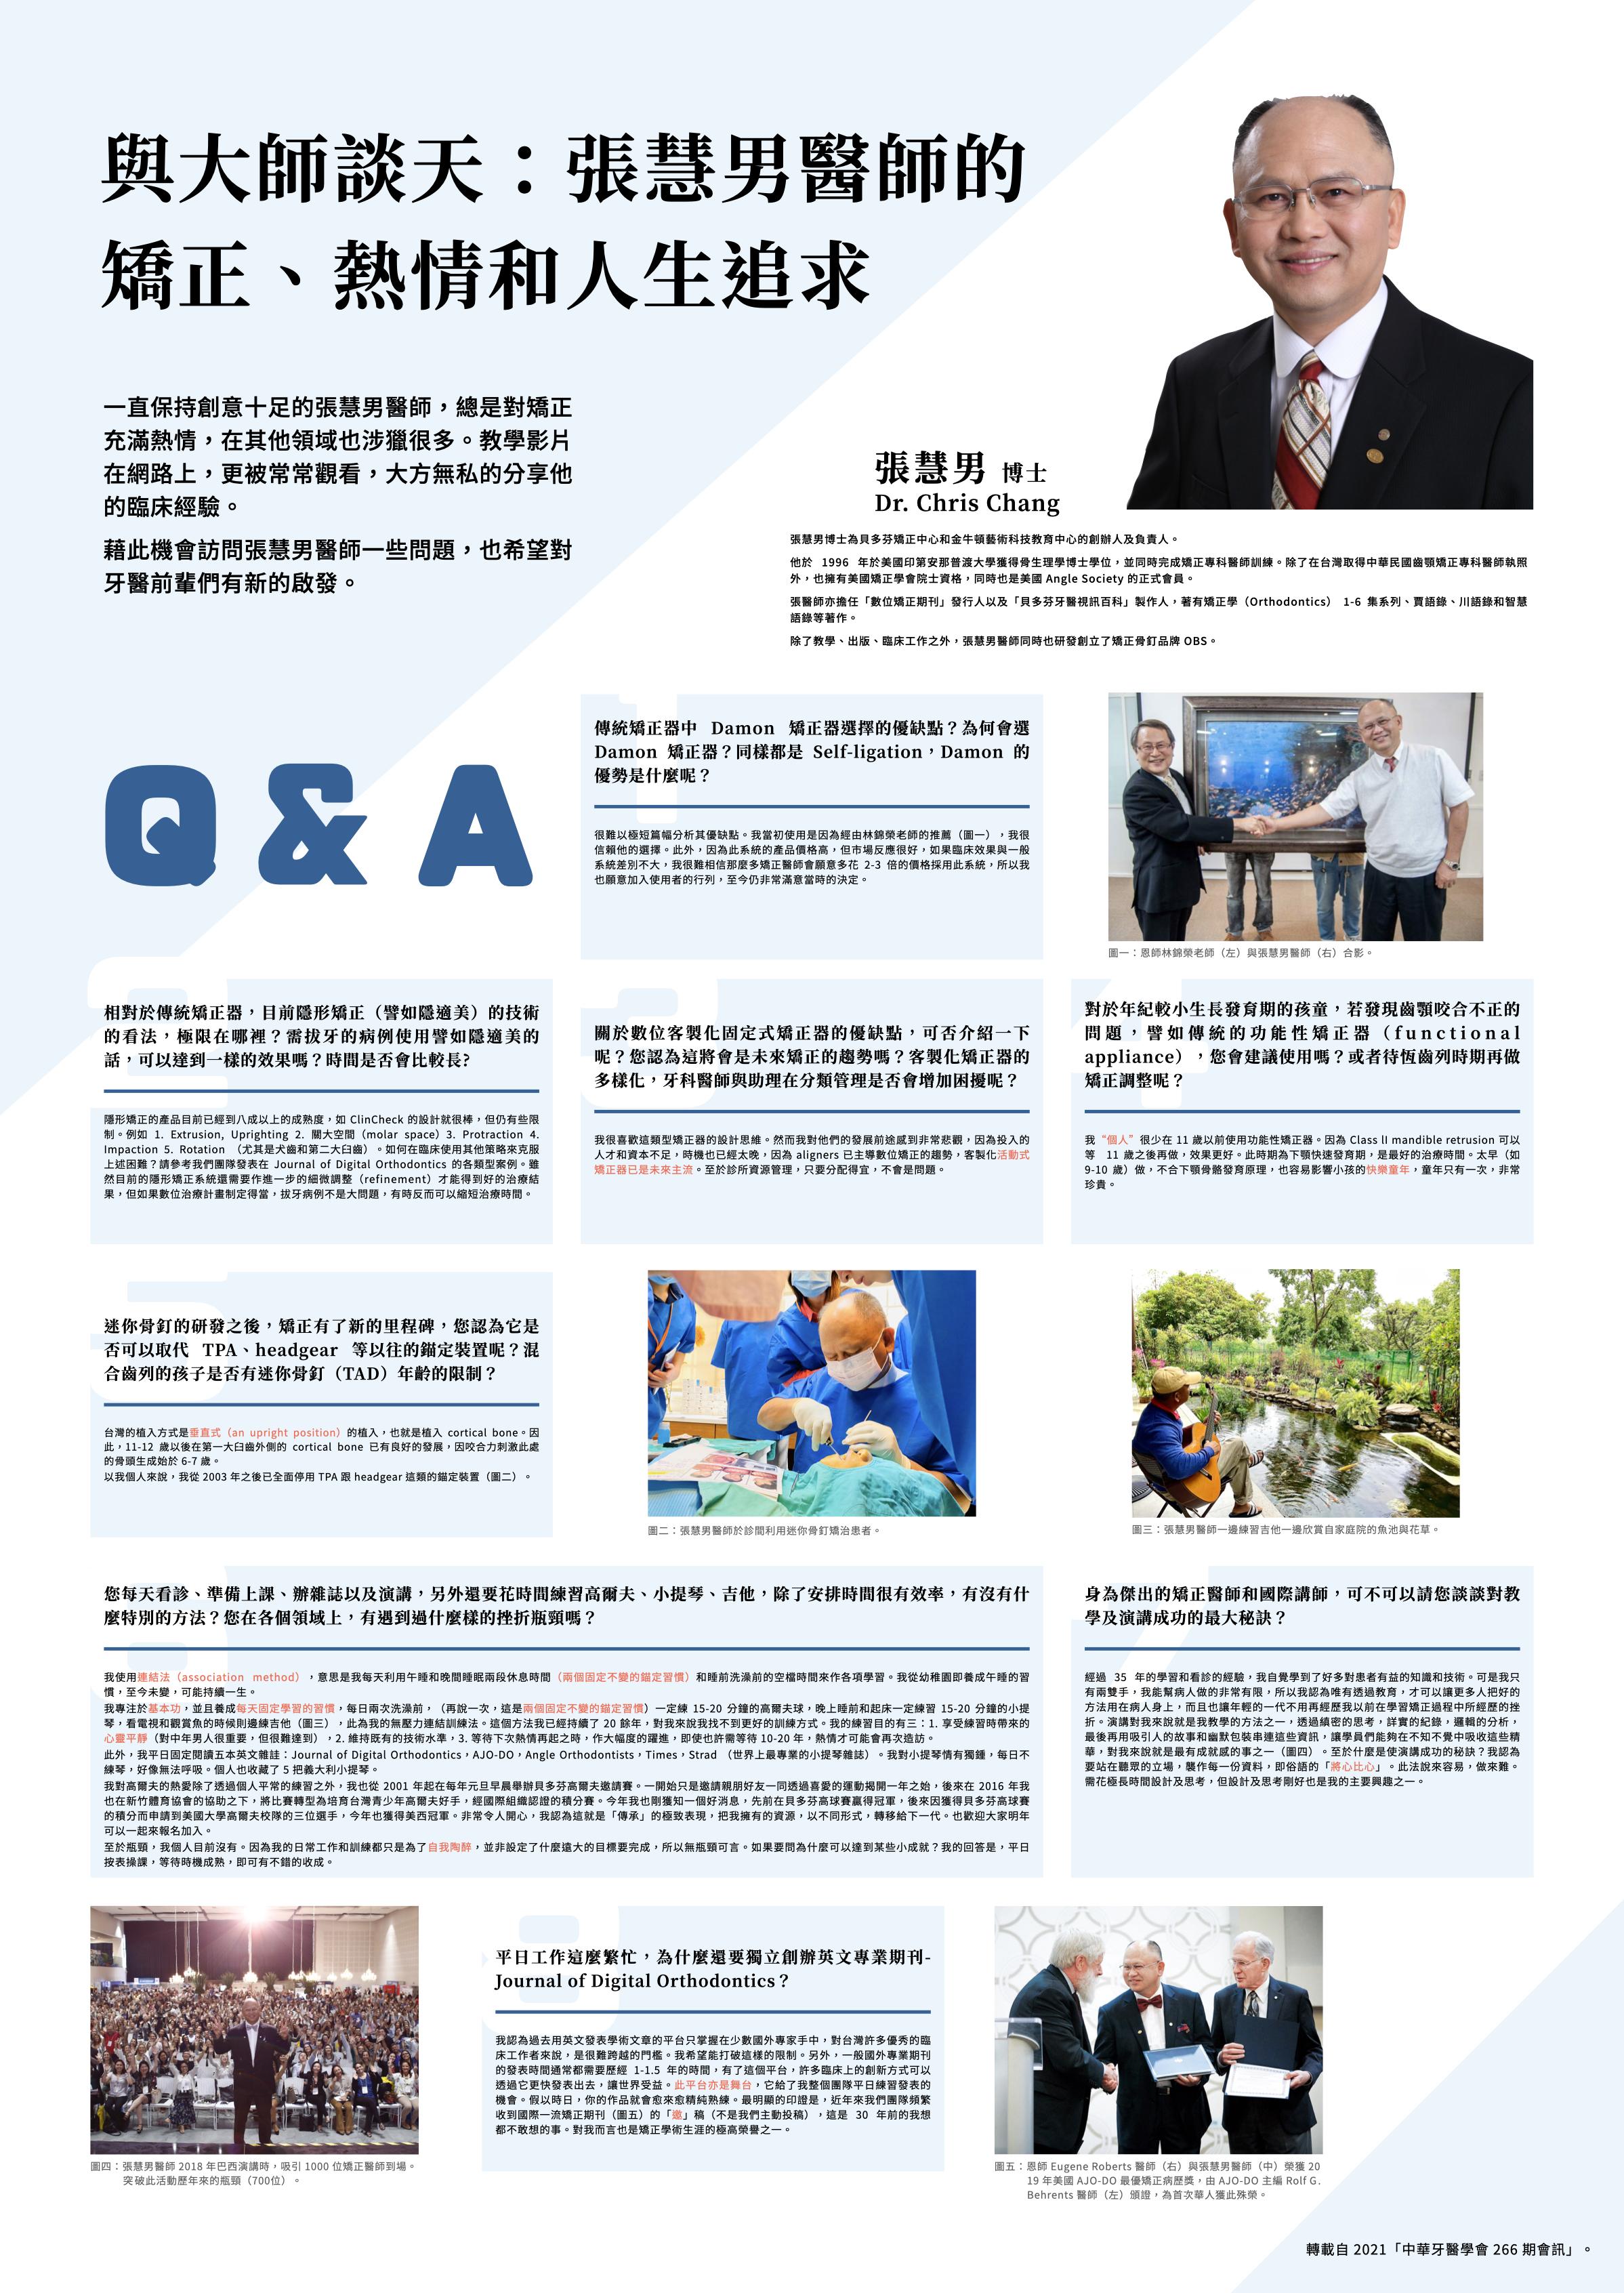 中華牙醫學會266期會訊